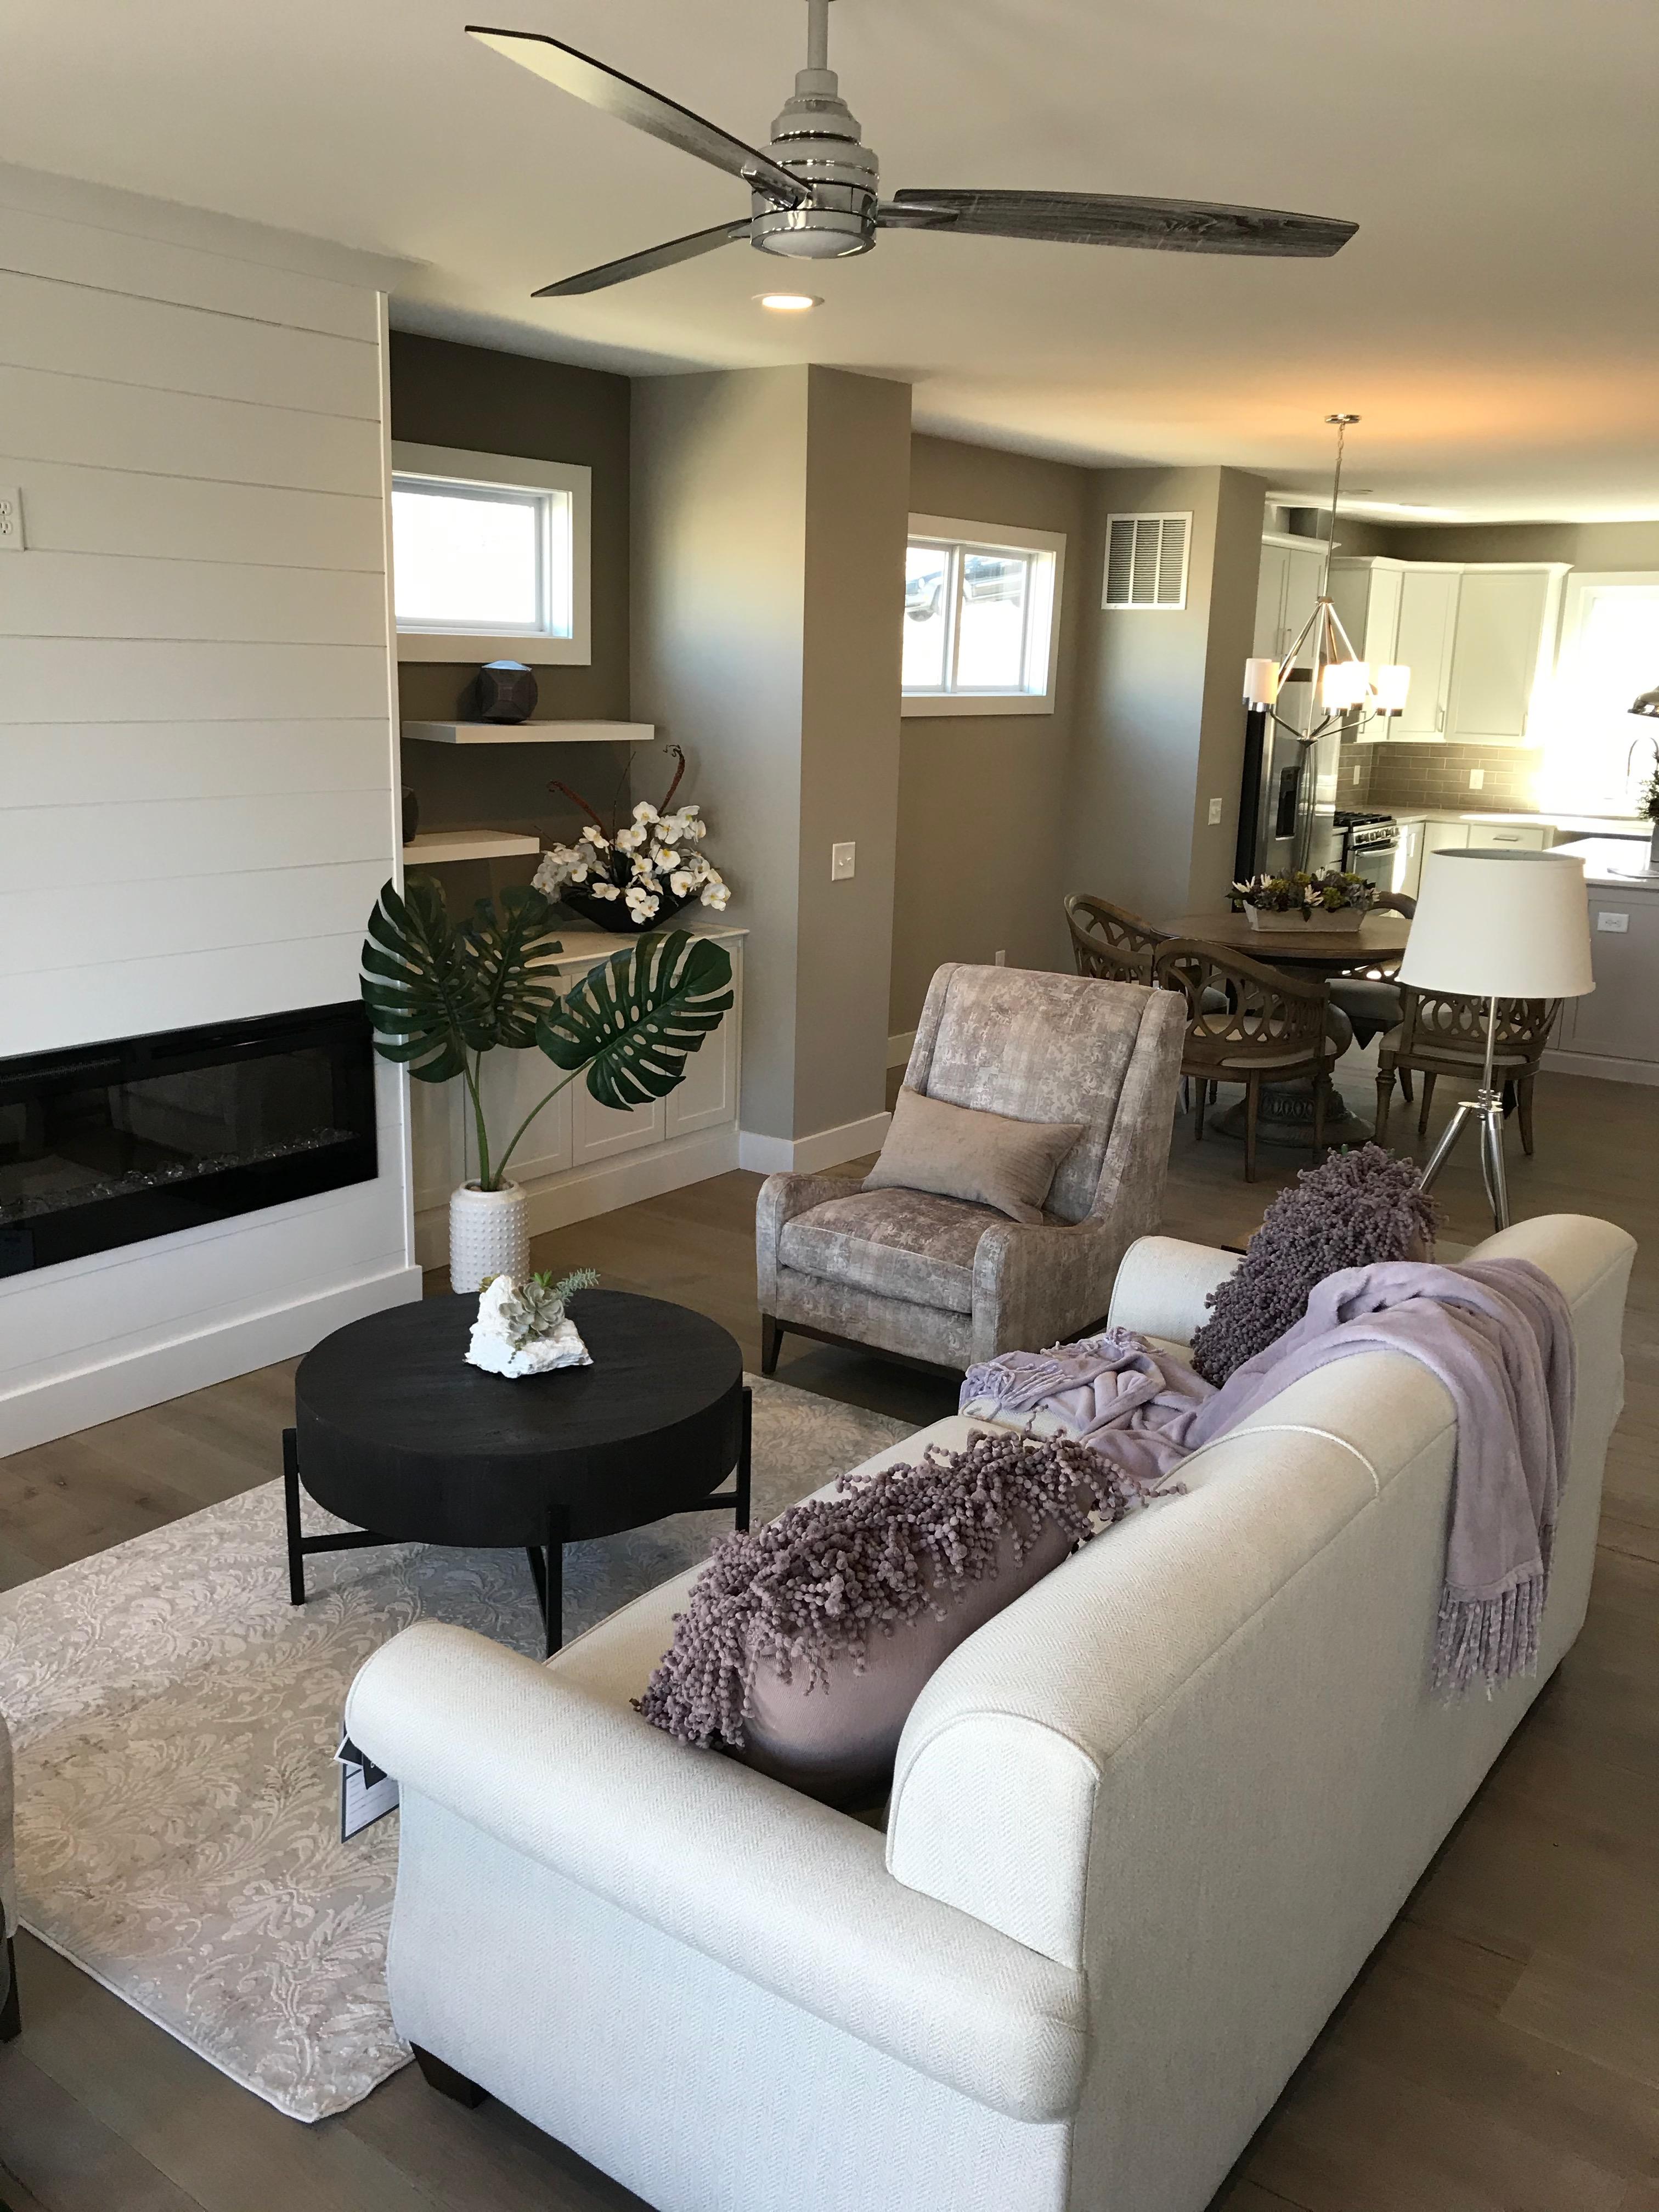 Bond Furniture And Design Living Room